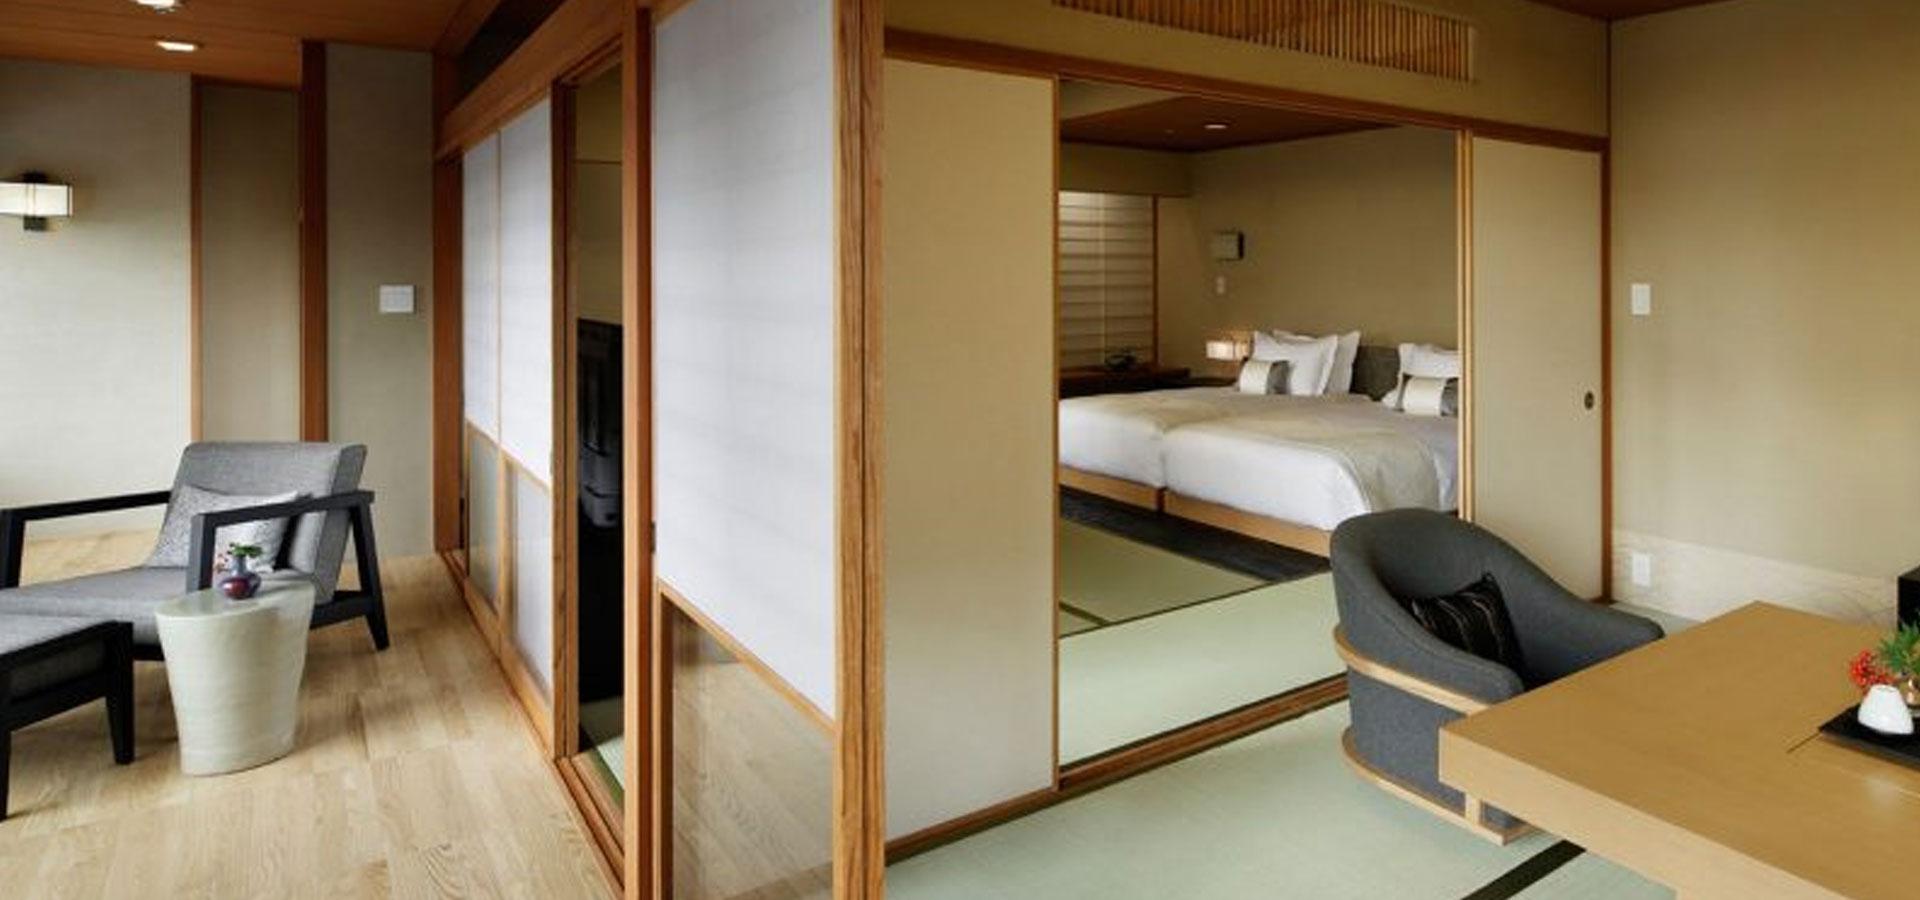 """高輪花香路 TAKANAWA HANAKOHRO- 高輪格蘭王子大飯店內新設了共有16間的""""旅館"""""""